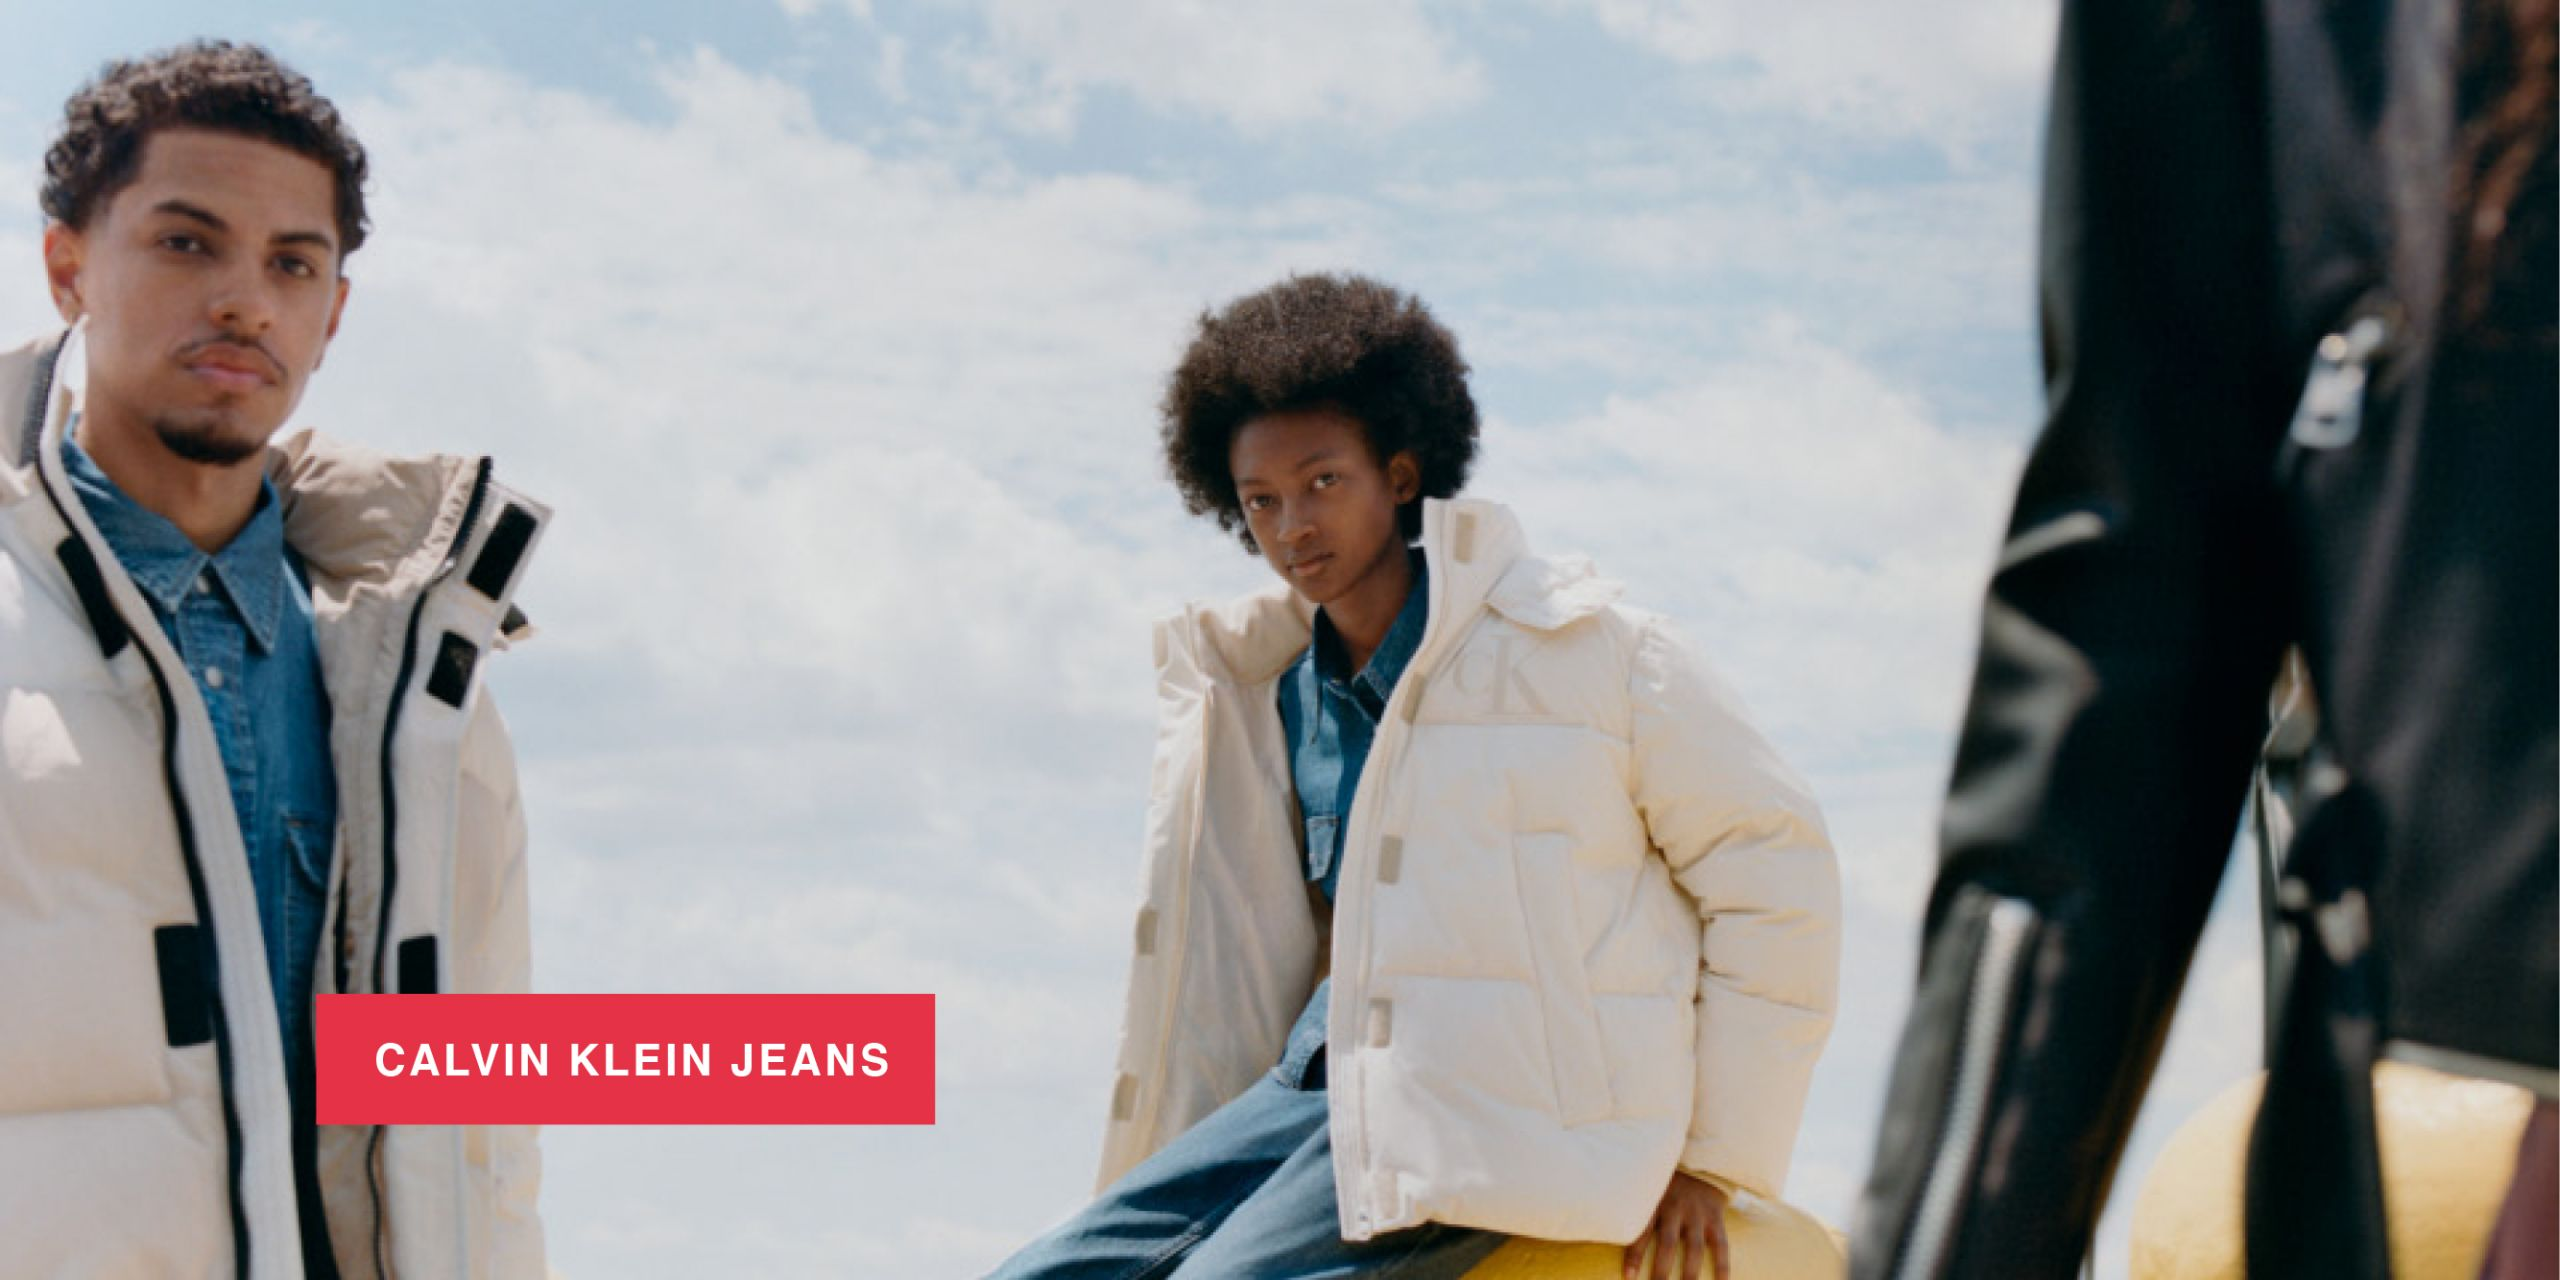 Teaser_ck_jeans_960x480